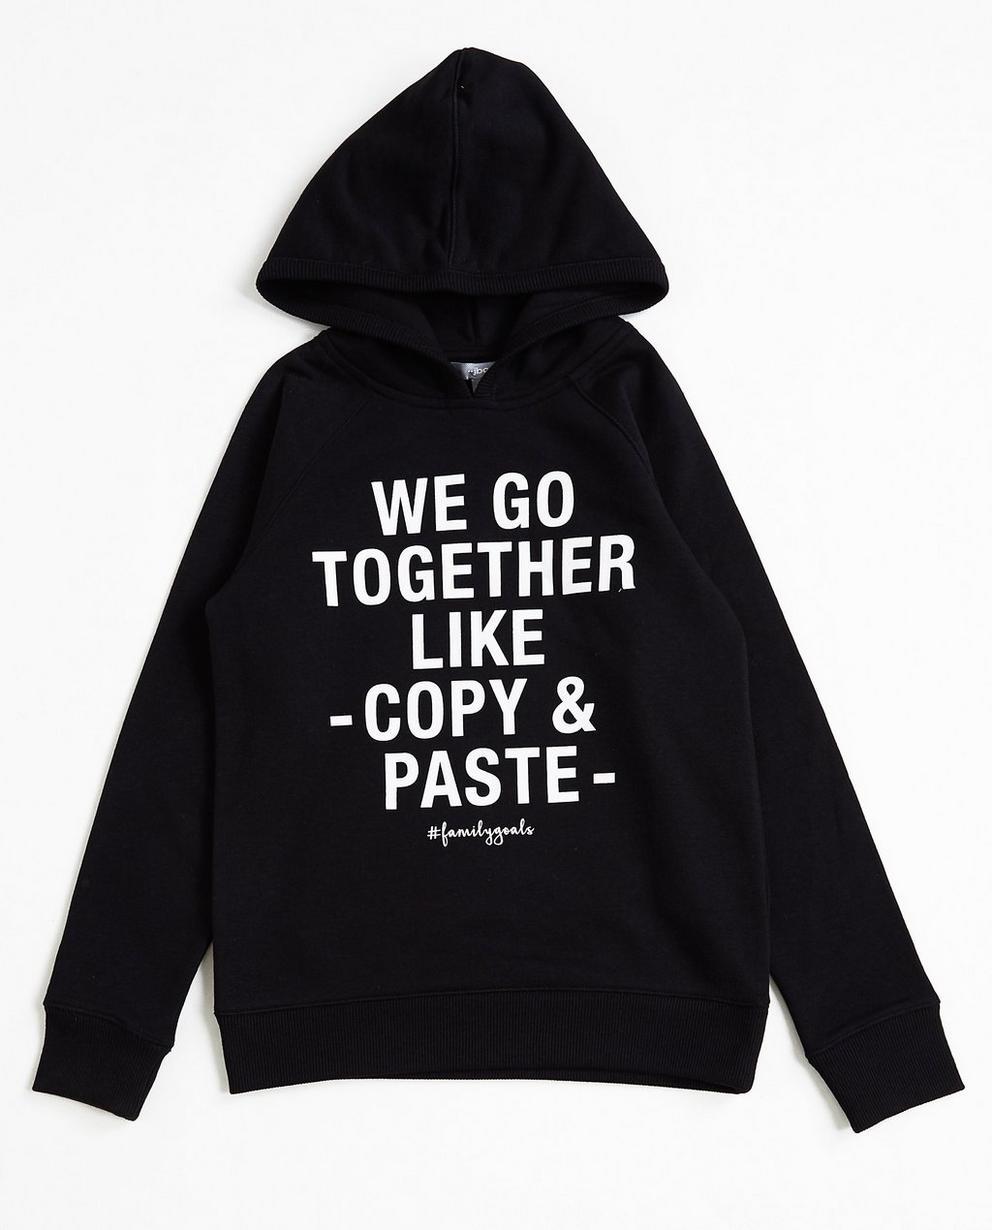 Zwarte statement hoodie - #familystoriesjbc - JBC